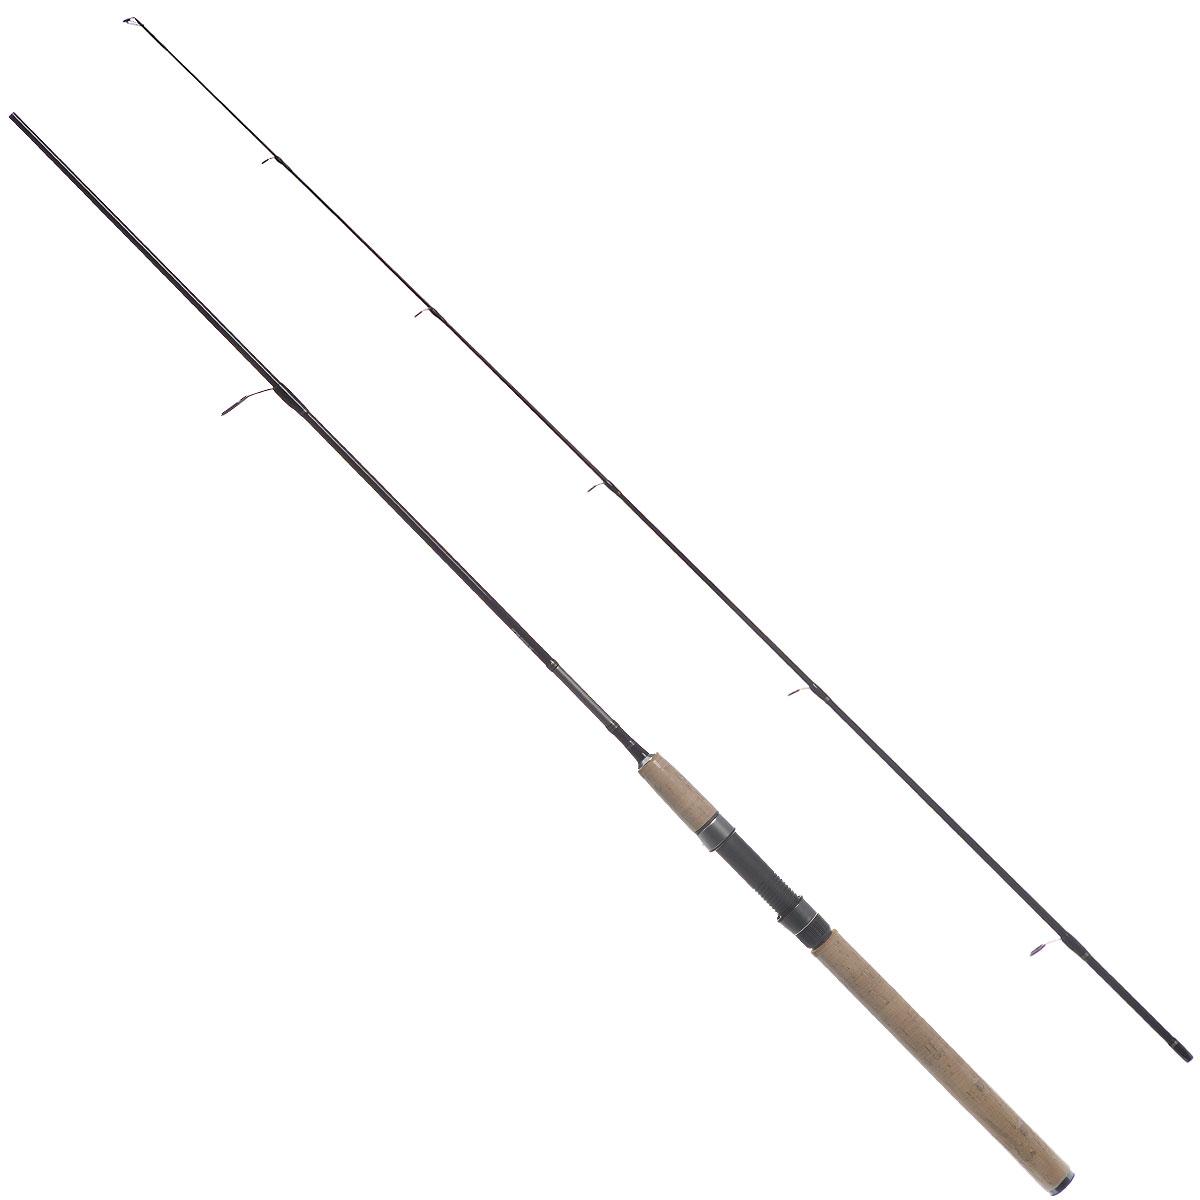 Спиннинг штекерный Daiwa Exceler-AR New, 2,13 м, 5-15 г